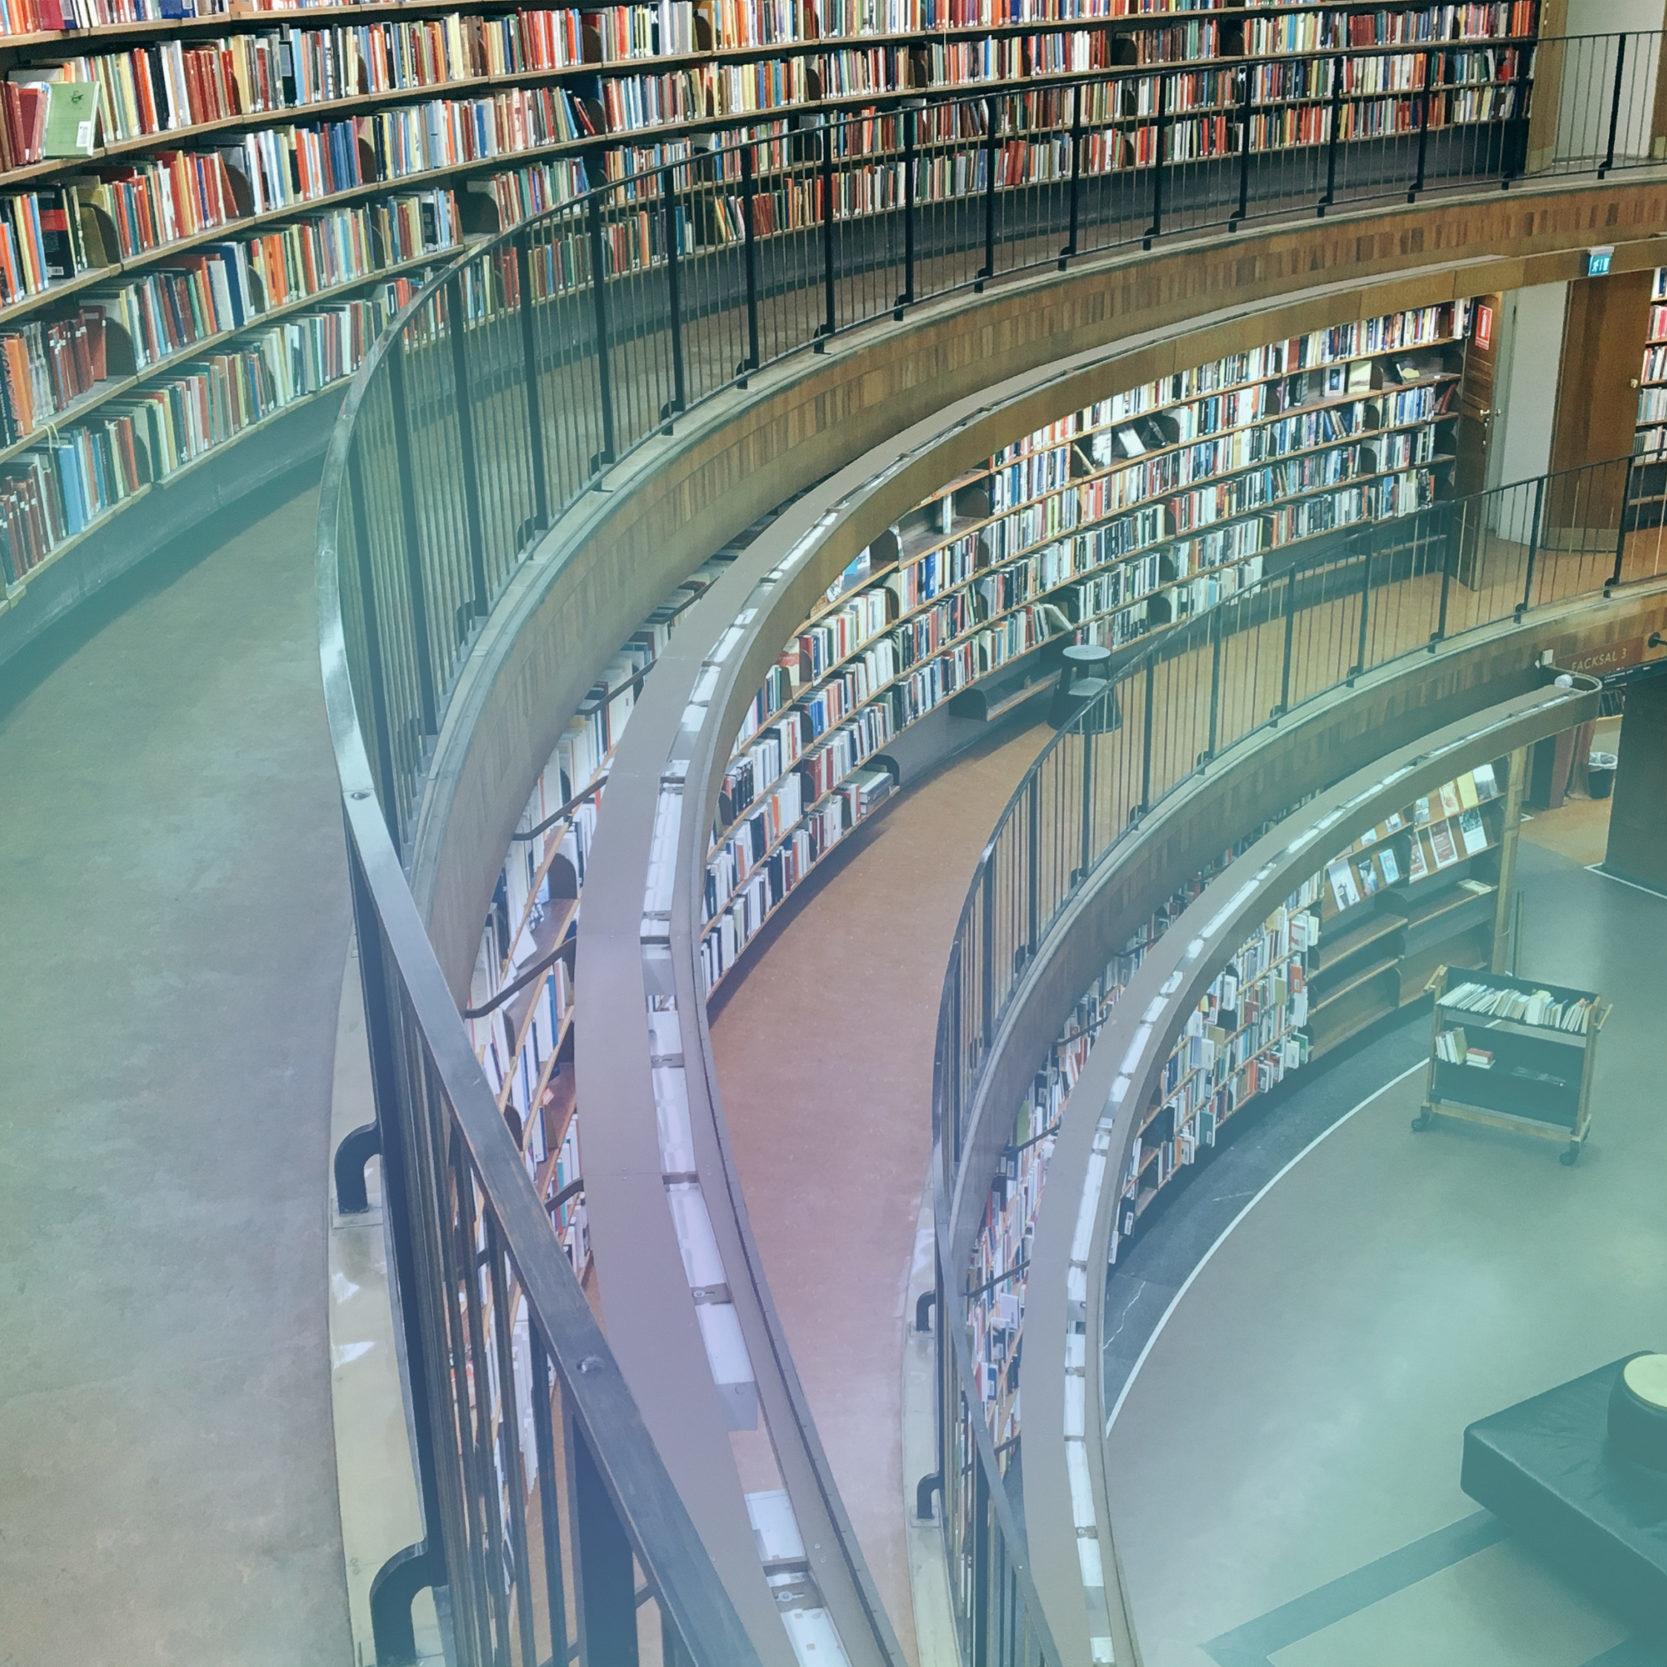 SAP Planungstools Bild aus einer Bibliothek